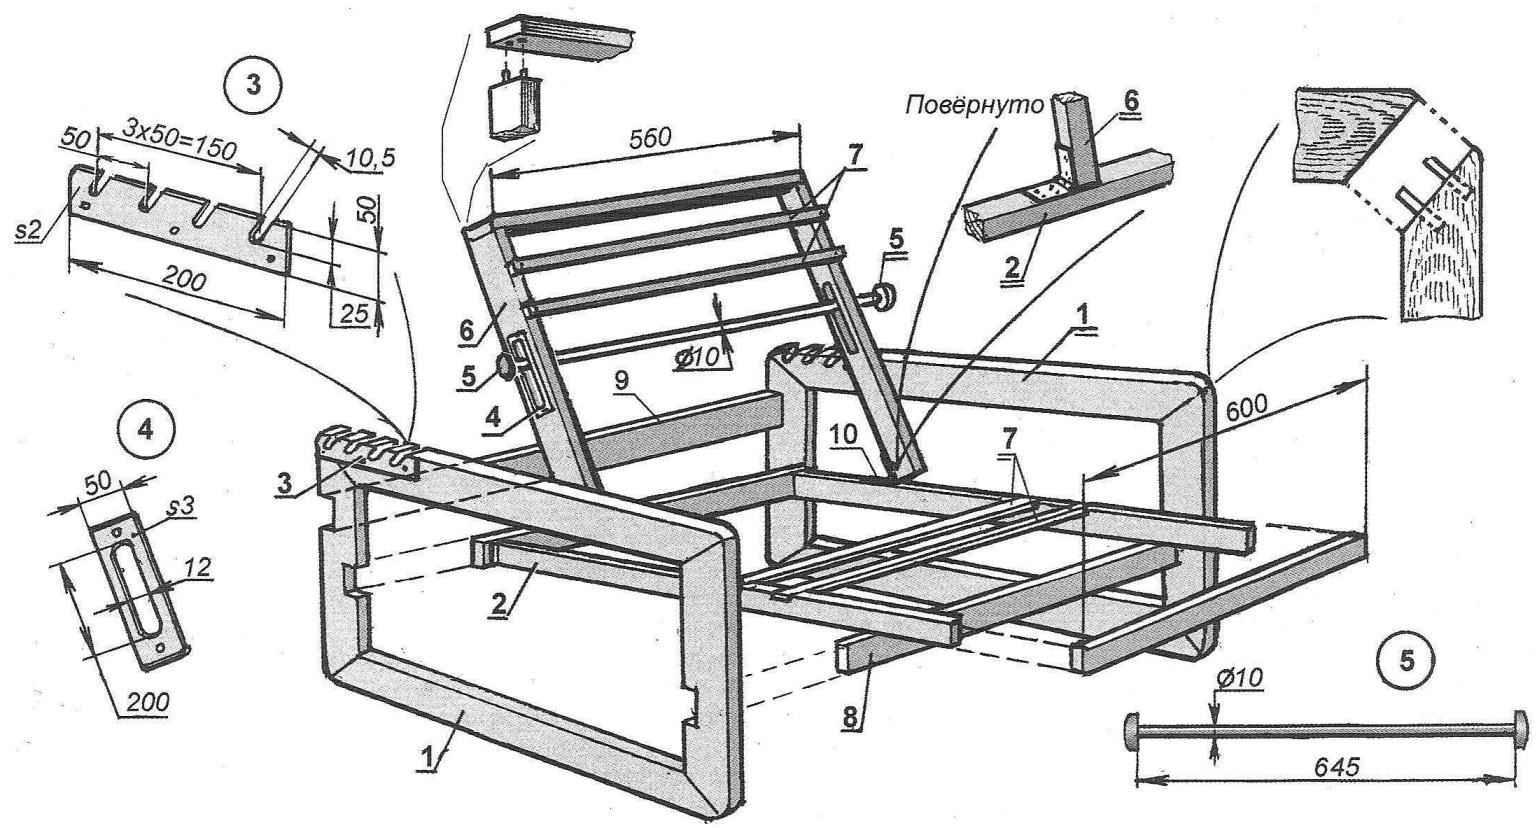 Рис. 1. Мягкое кресло с изменяющимся наклоном спинки